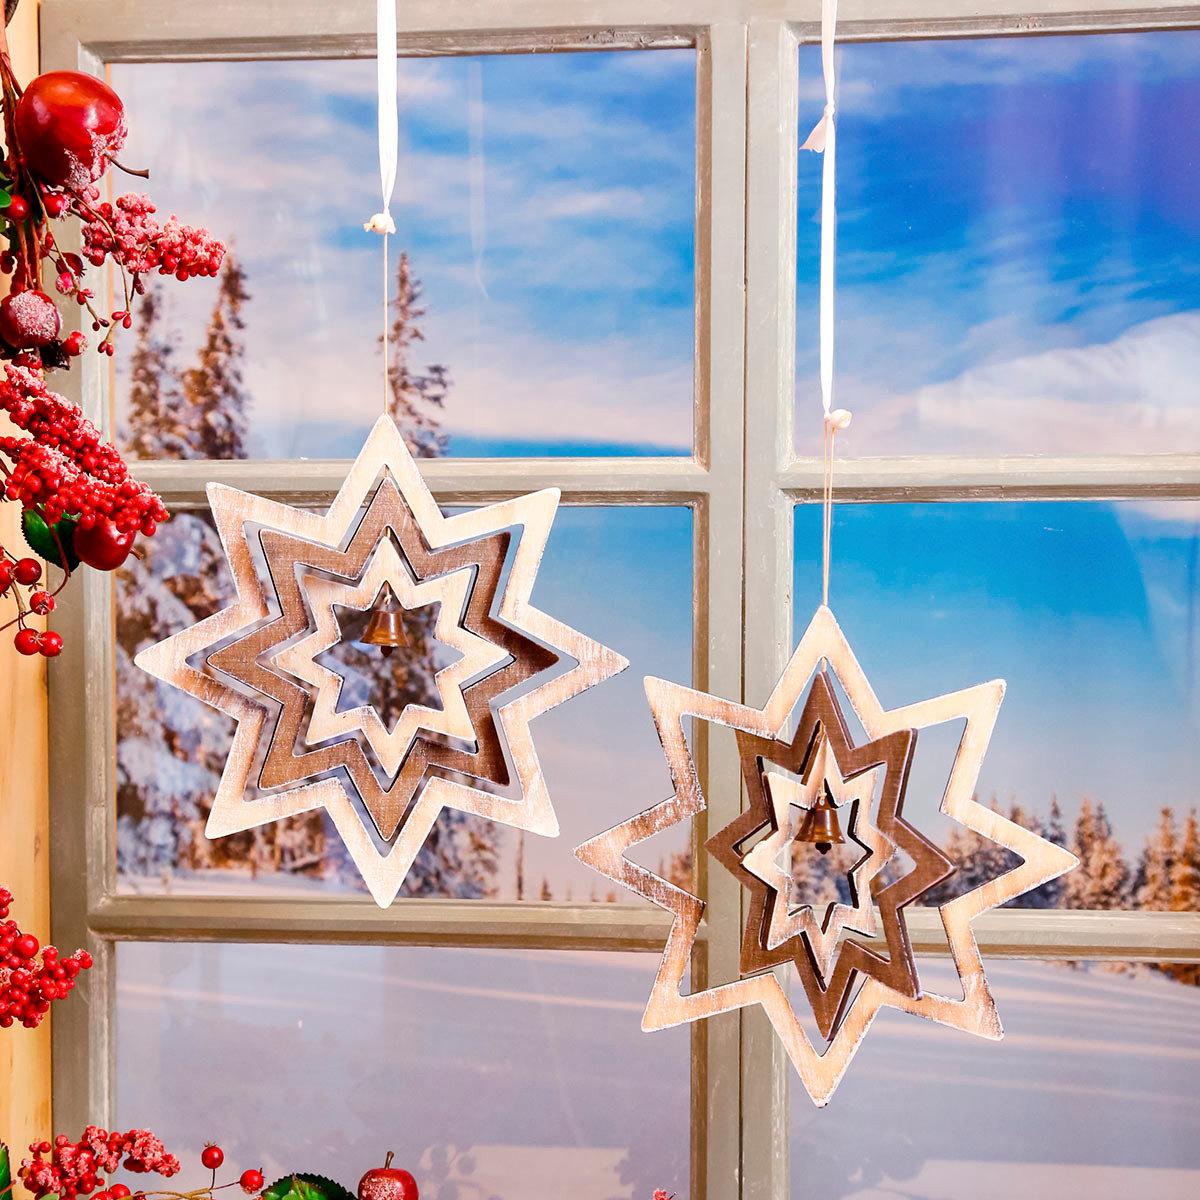 Fensterdeko Sternenzauber, 2er-Set